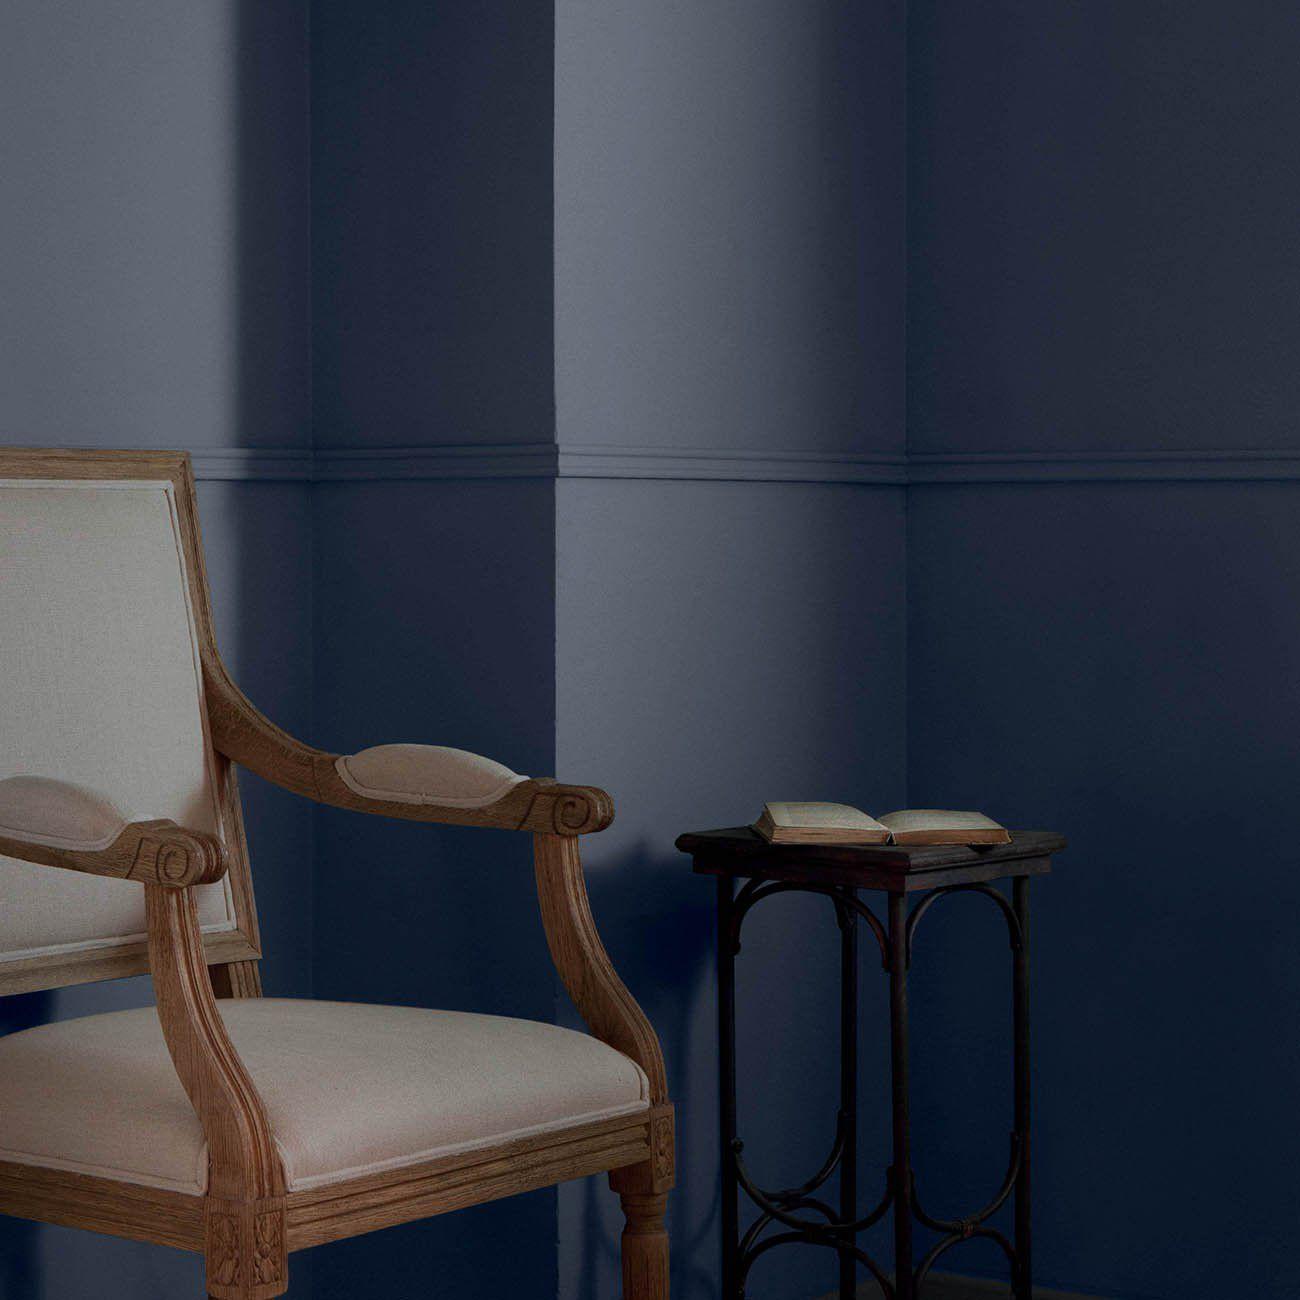 11 Nouvelles Teintes De Peinture Flamant Et Tollens Peinture Flamant Peinture Tollens Teinte De Bleu